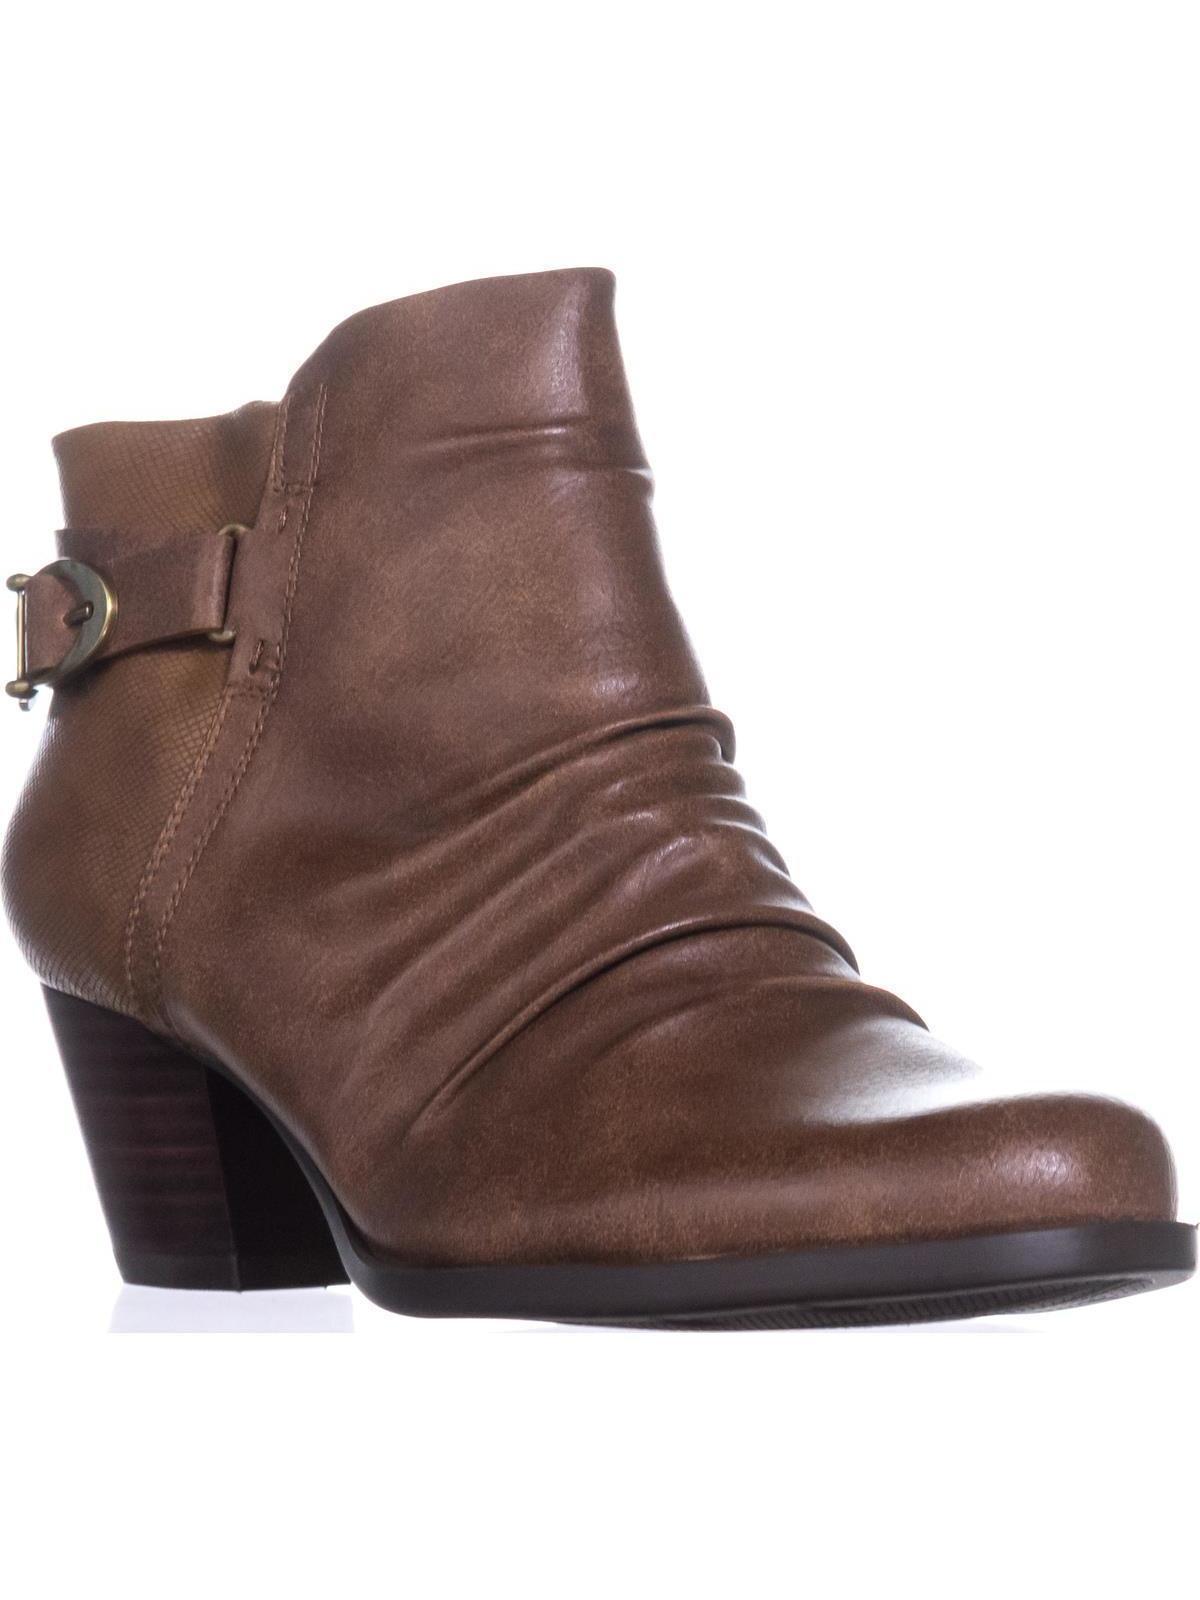 Womens BareTraps Reliance Srunch Ankle Boots, Cognac